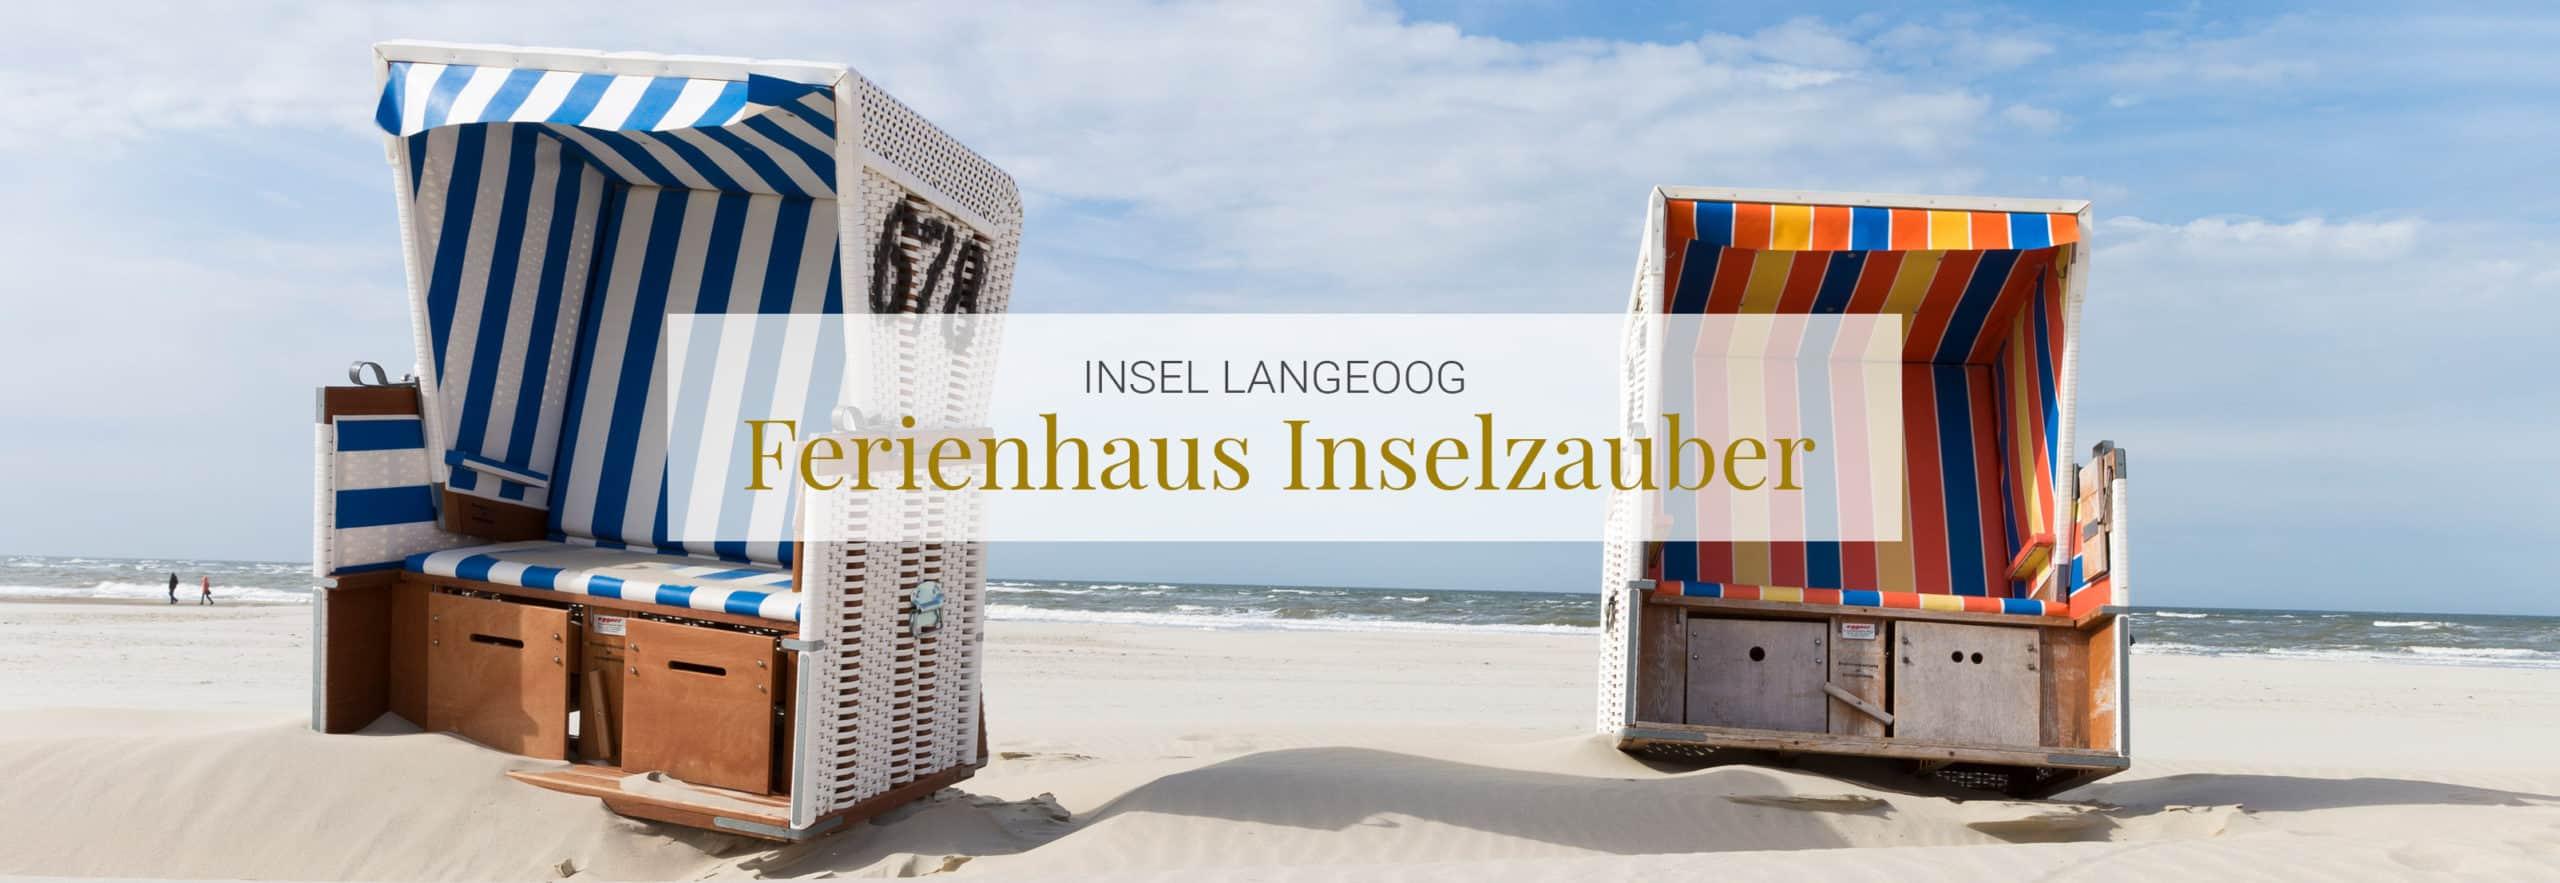 Ferienhaus Langeoog mit eigenem Garten und Strandkorb